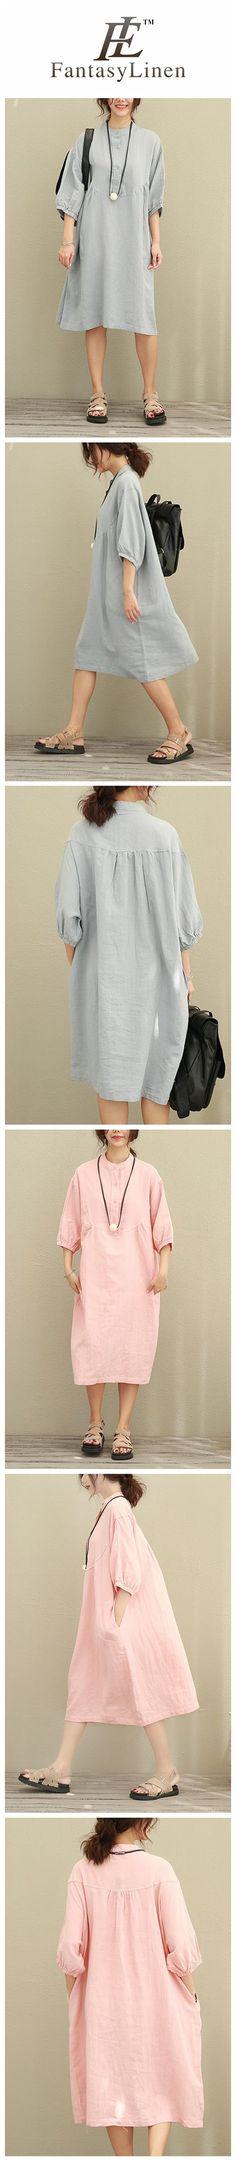 Big Size Puff Sleeve Loose Cotton Linen Shirt Dress Women Clothes